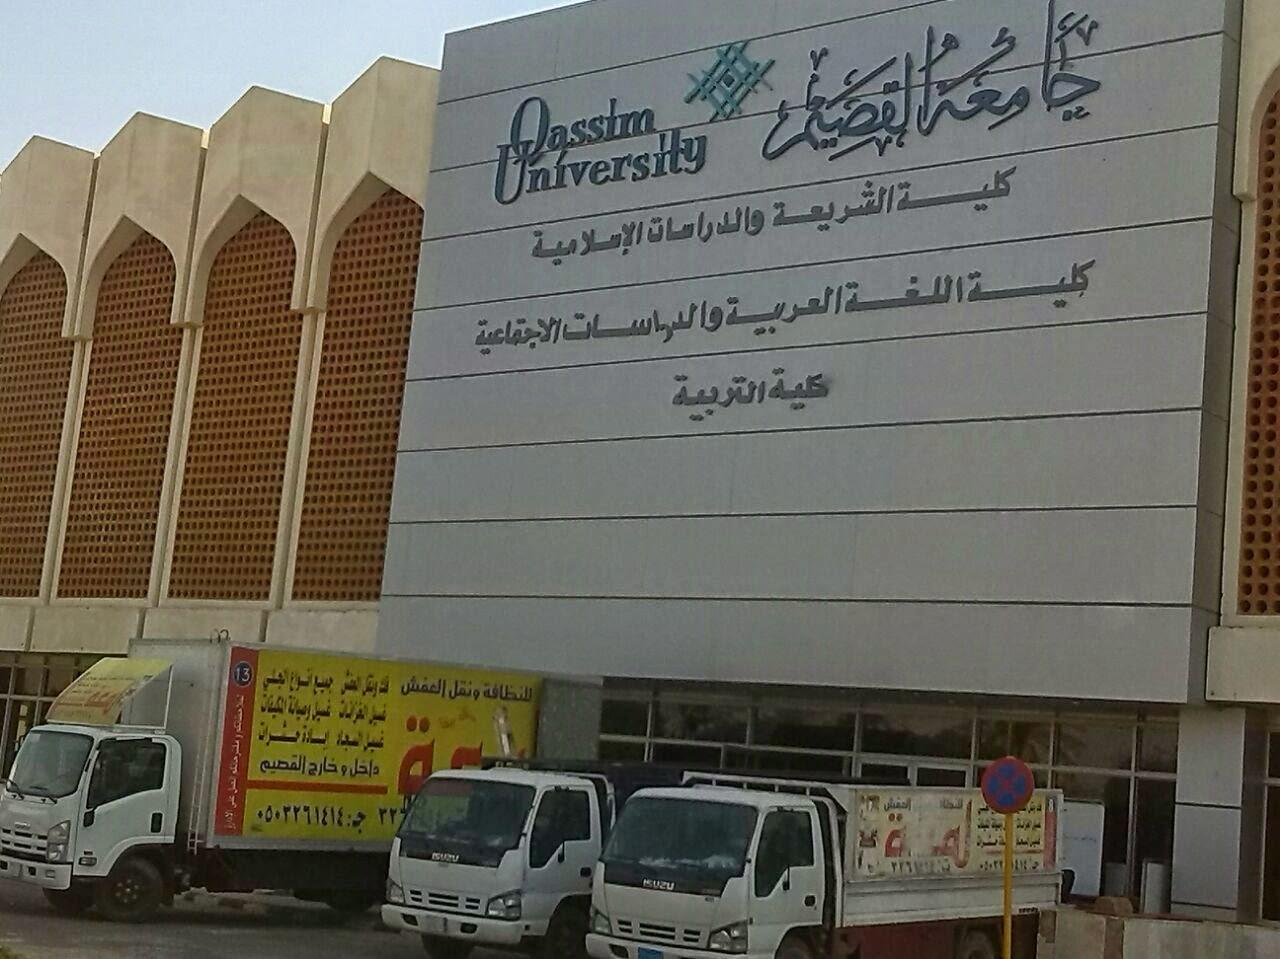 اعمال نقل كلية الشريعة والدراسات الاسلامية